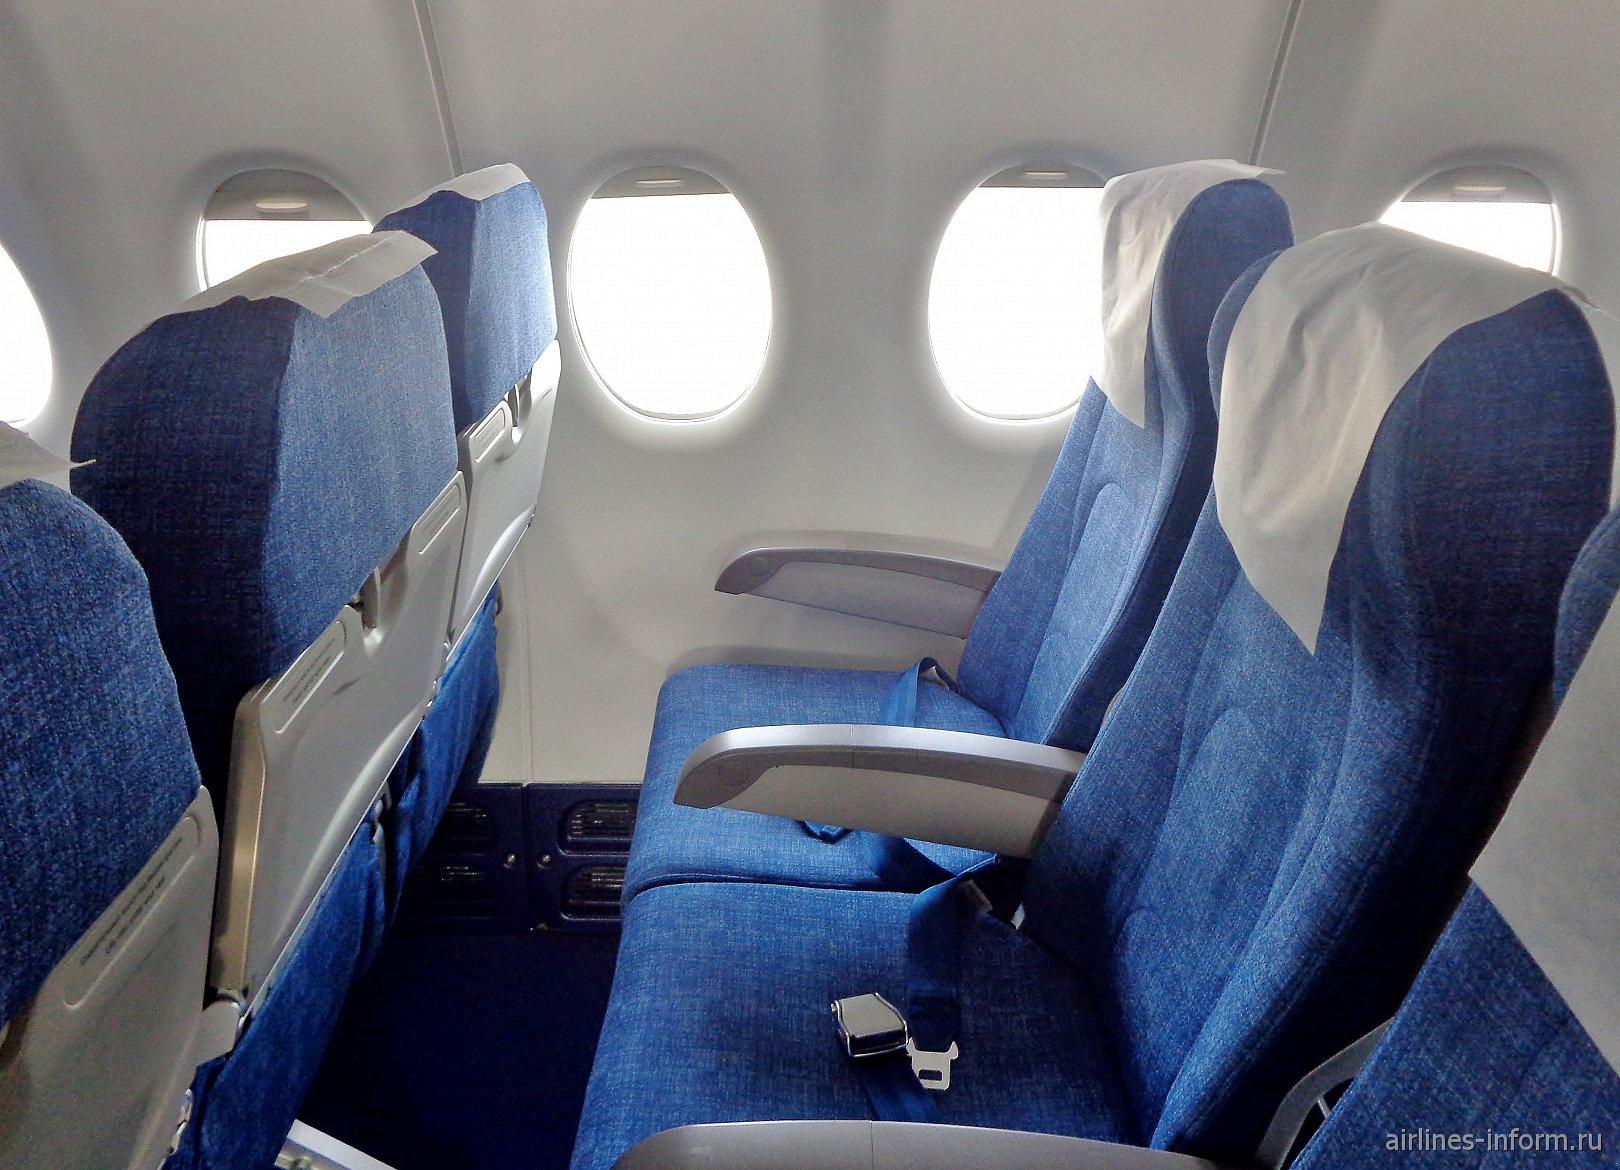 """Пассажирские кресла эконом-класса в самолете Суперджет-100 авиакомпании """"ИрАэро"""""""